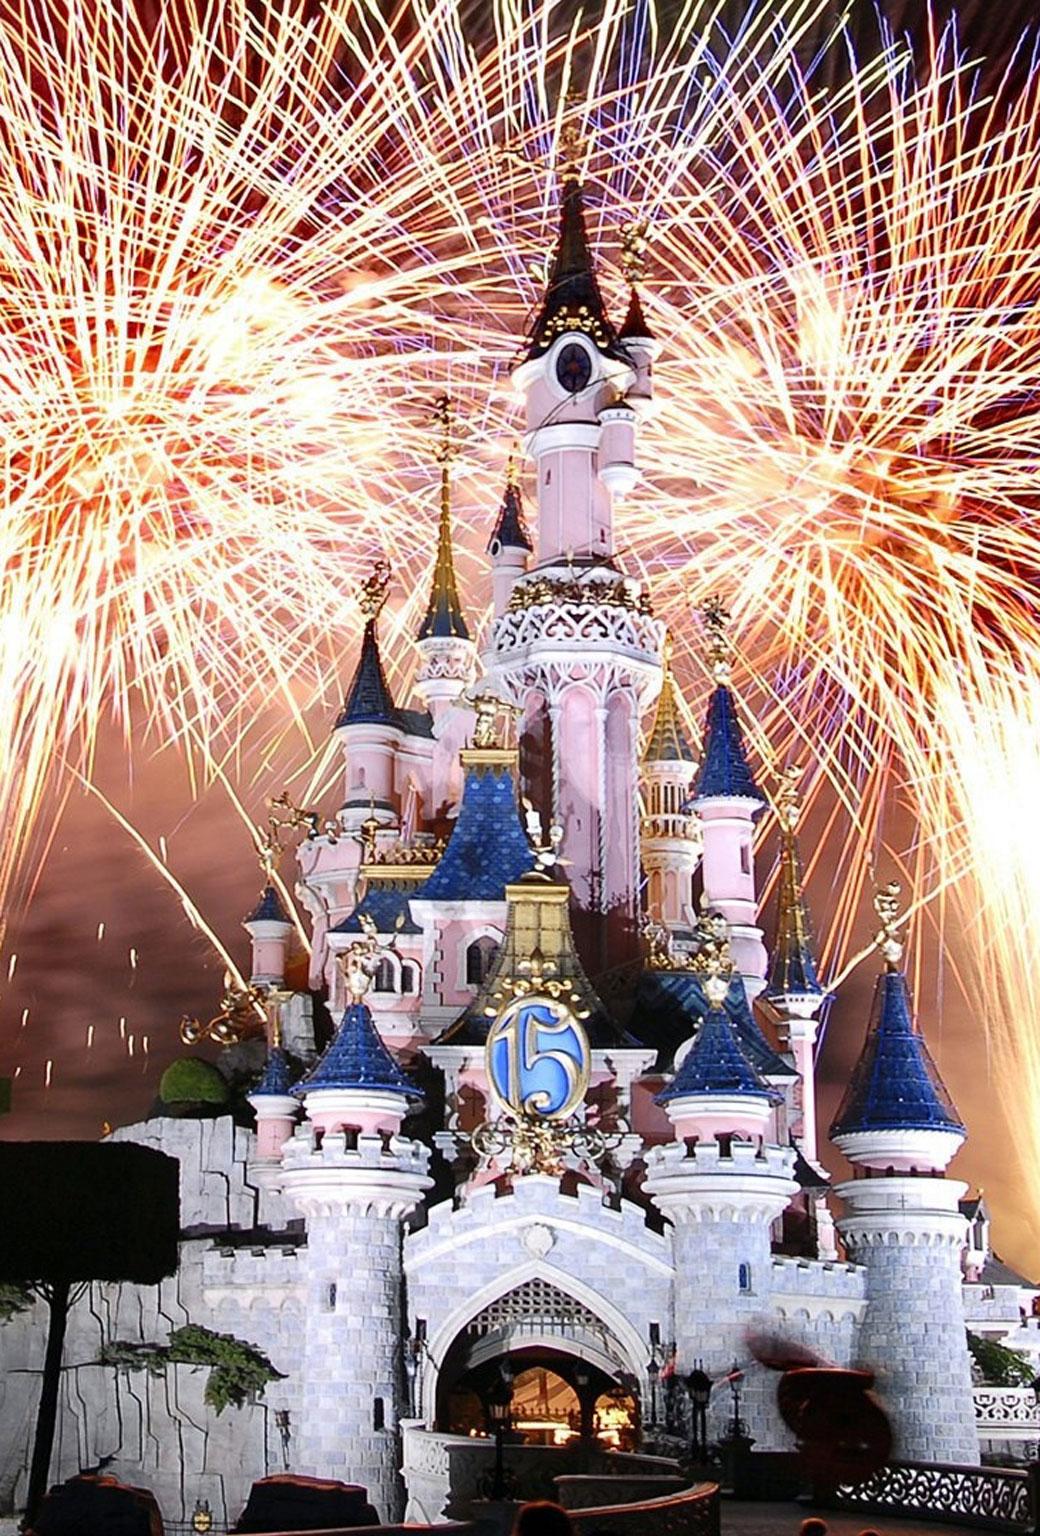 Disneyland iPhone Wallpaper - WallpaperSafari